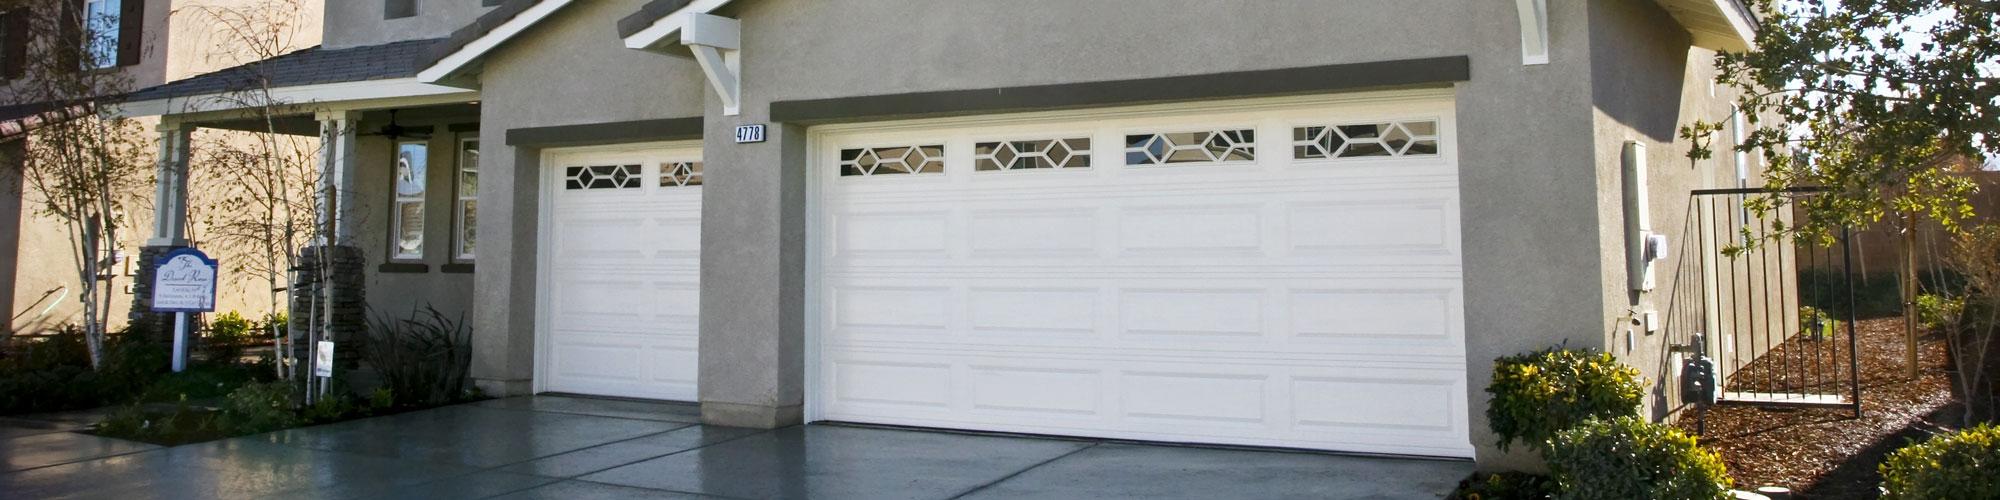 Garage door installation garage door openers east hanover nj rubansaba